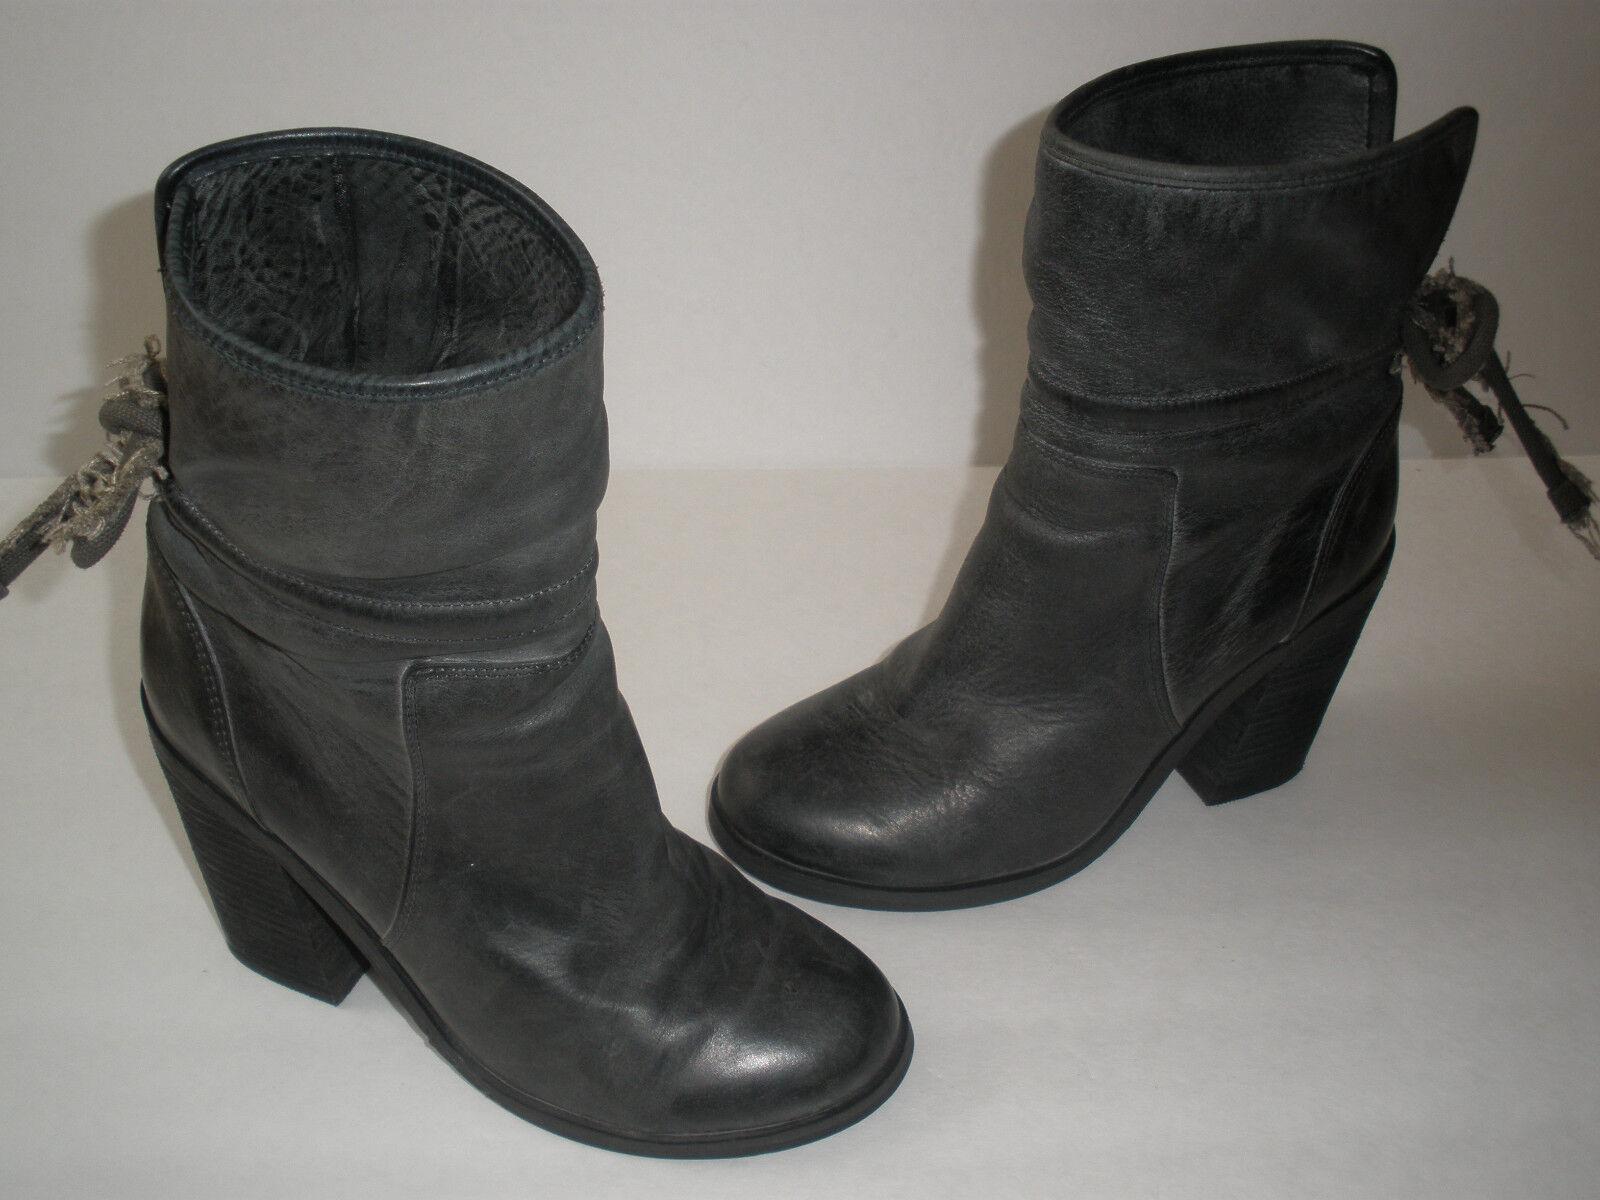 @ Kensie Negro Cuero gris 4  de tacón botas nos 6,5 Super Hot